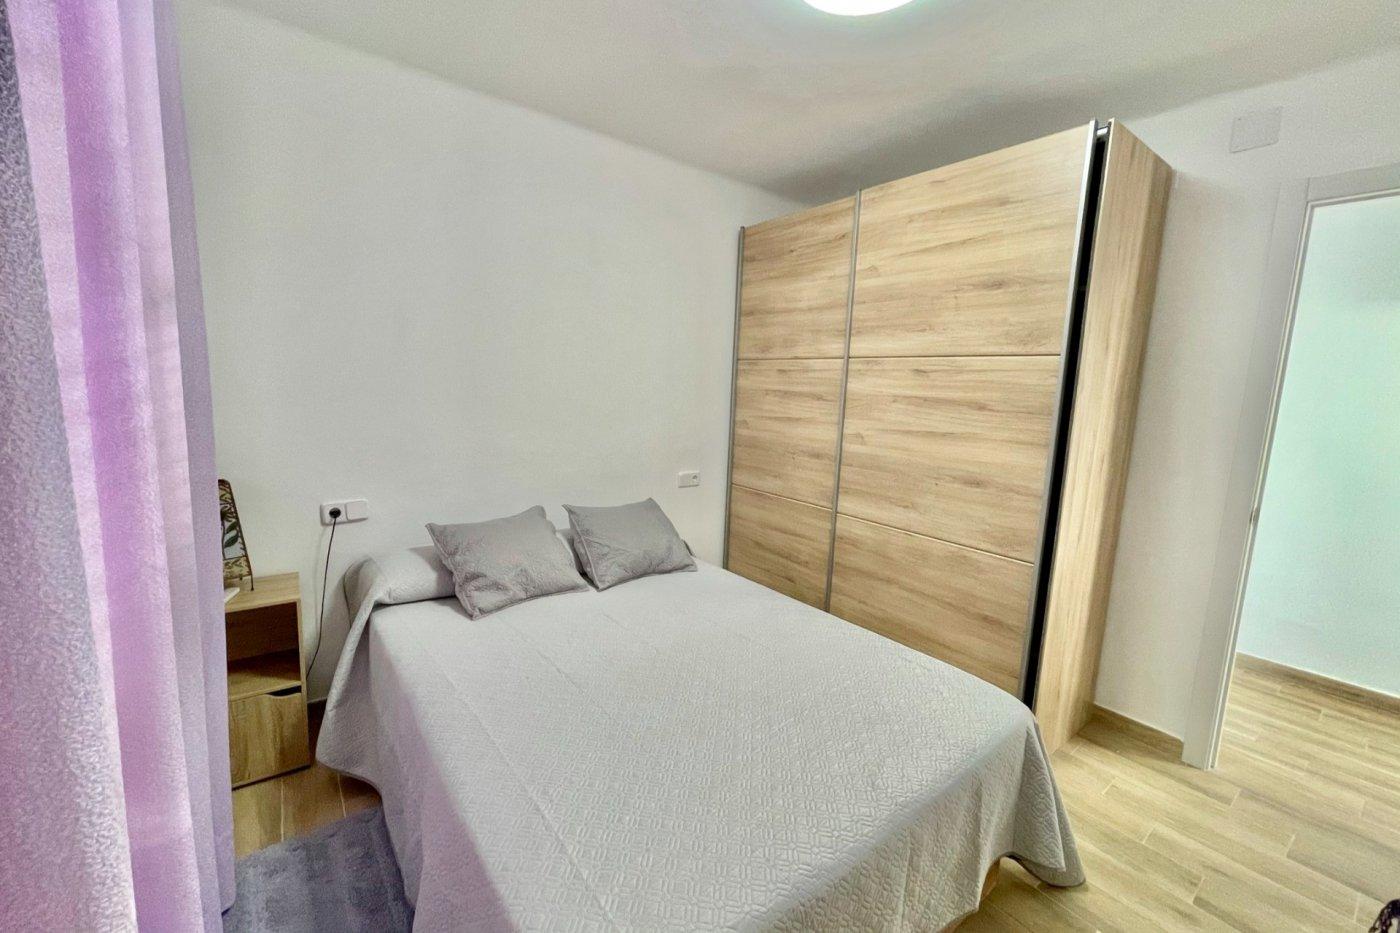 Piso amueblado de 57 m² de superficie con balcón, terraza y barbacoa en la zona de son cot - imagenInmueble4